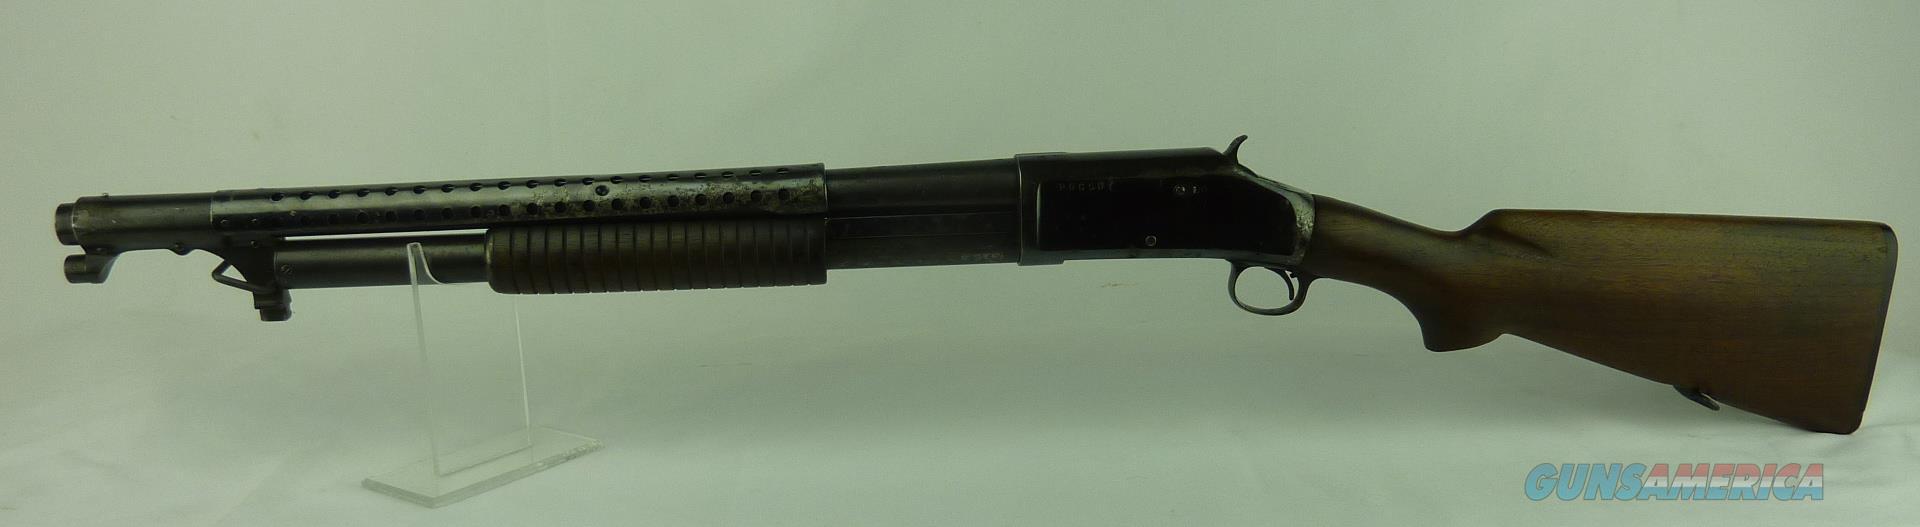 Winchester M-97, trench gun  Guns > Shotguns > Military Misc. Shotguns US